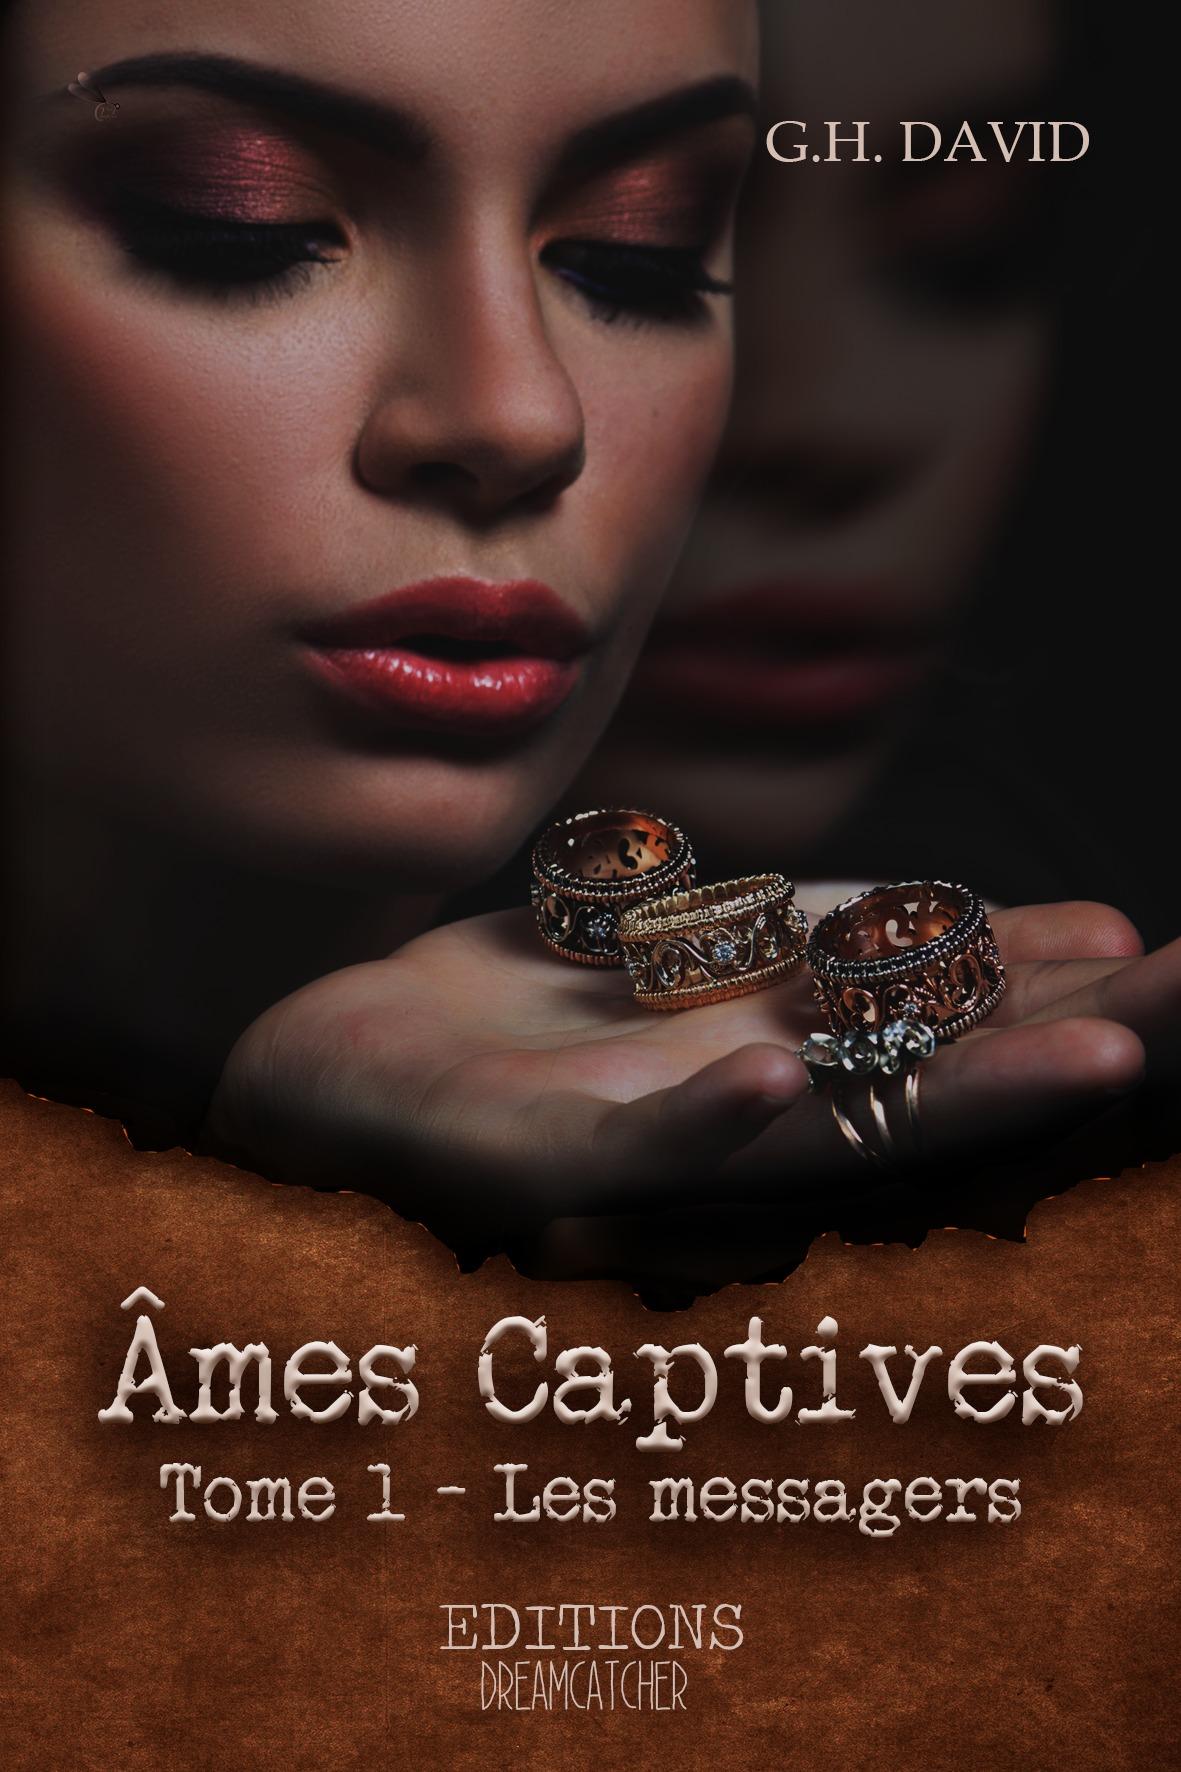 Âmes captives, LES MESSAGERS